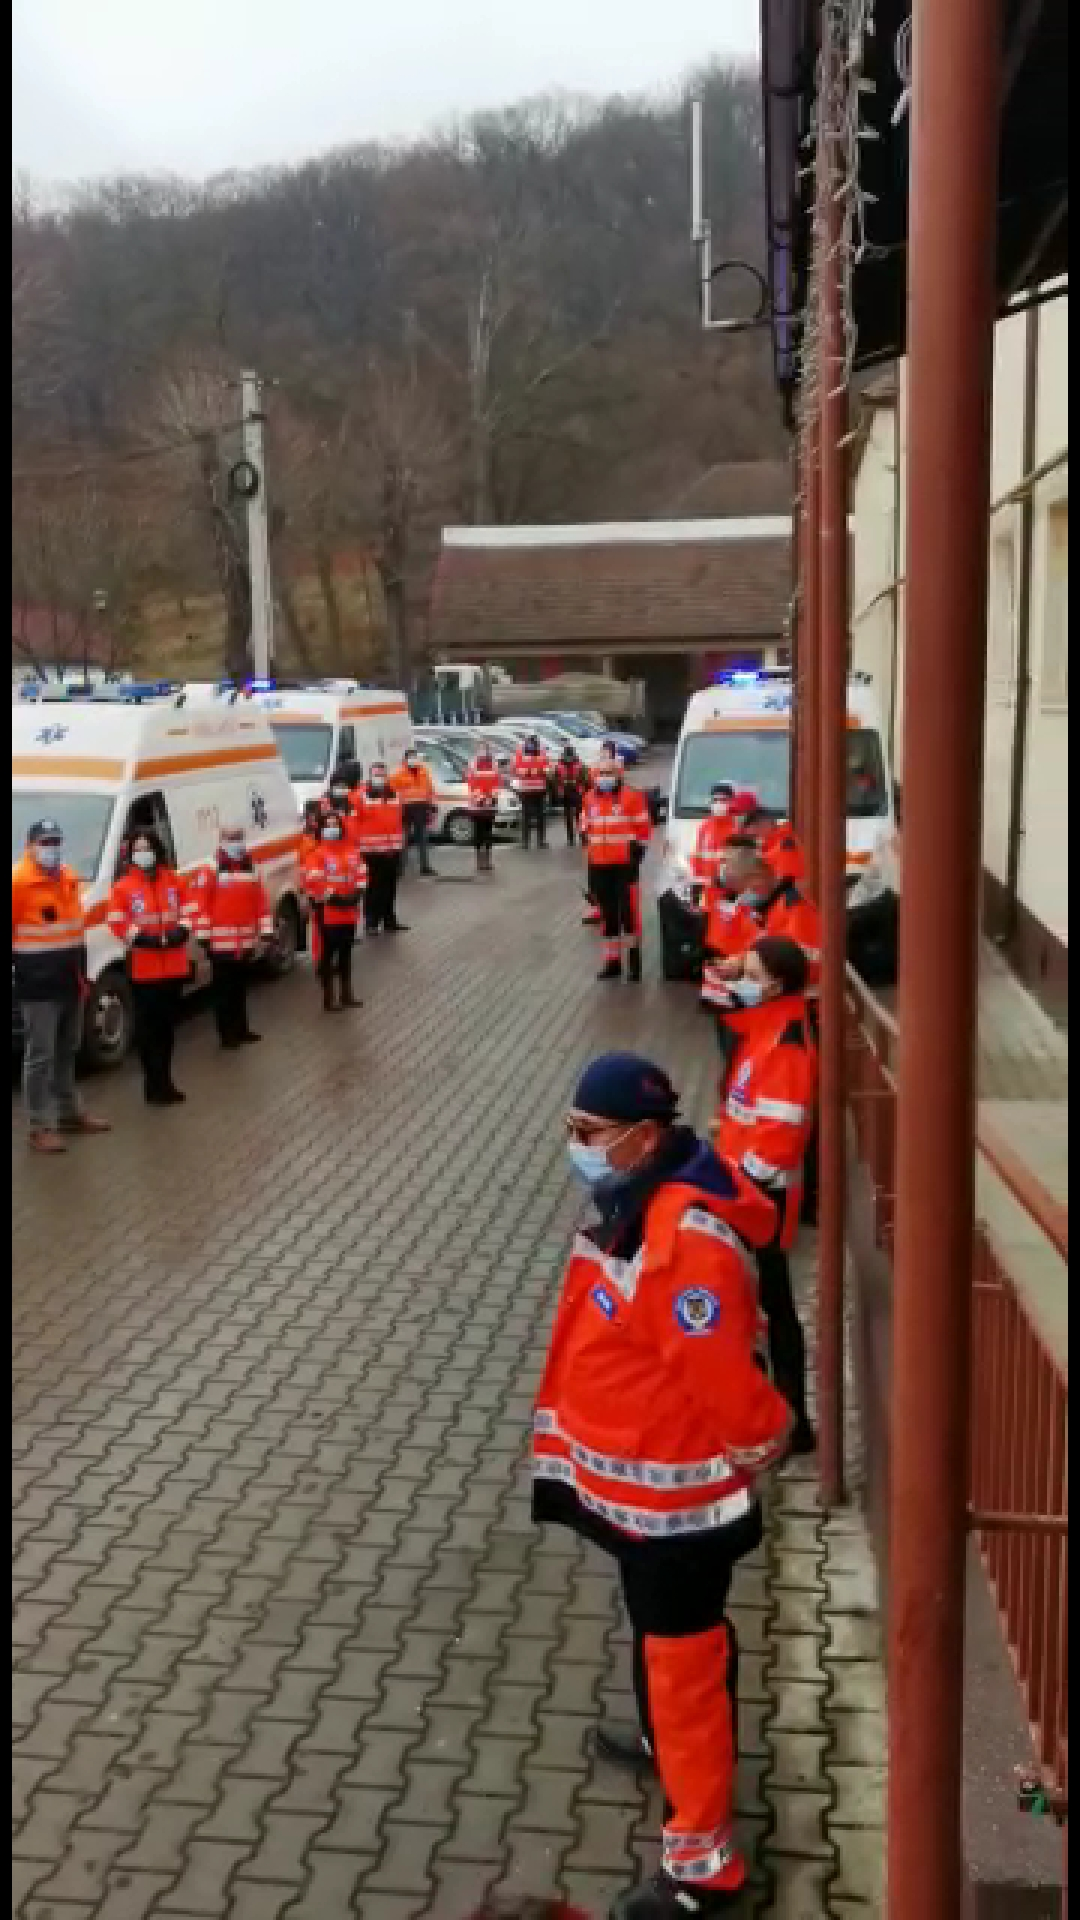 FOTO/VIDEO: Sirenele ambulanțelor au sunat în semn de mulțumire